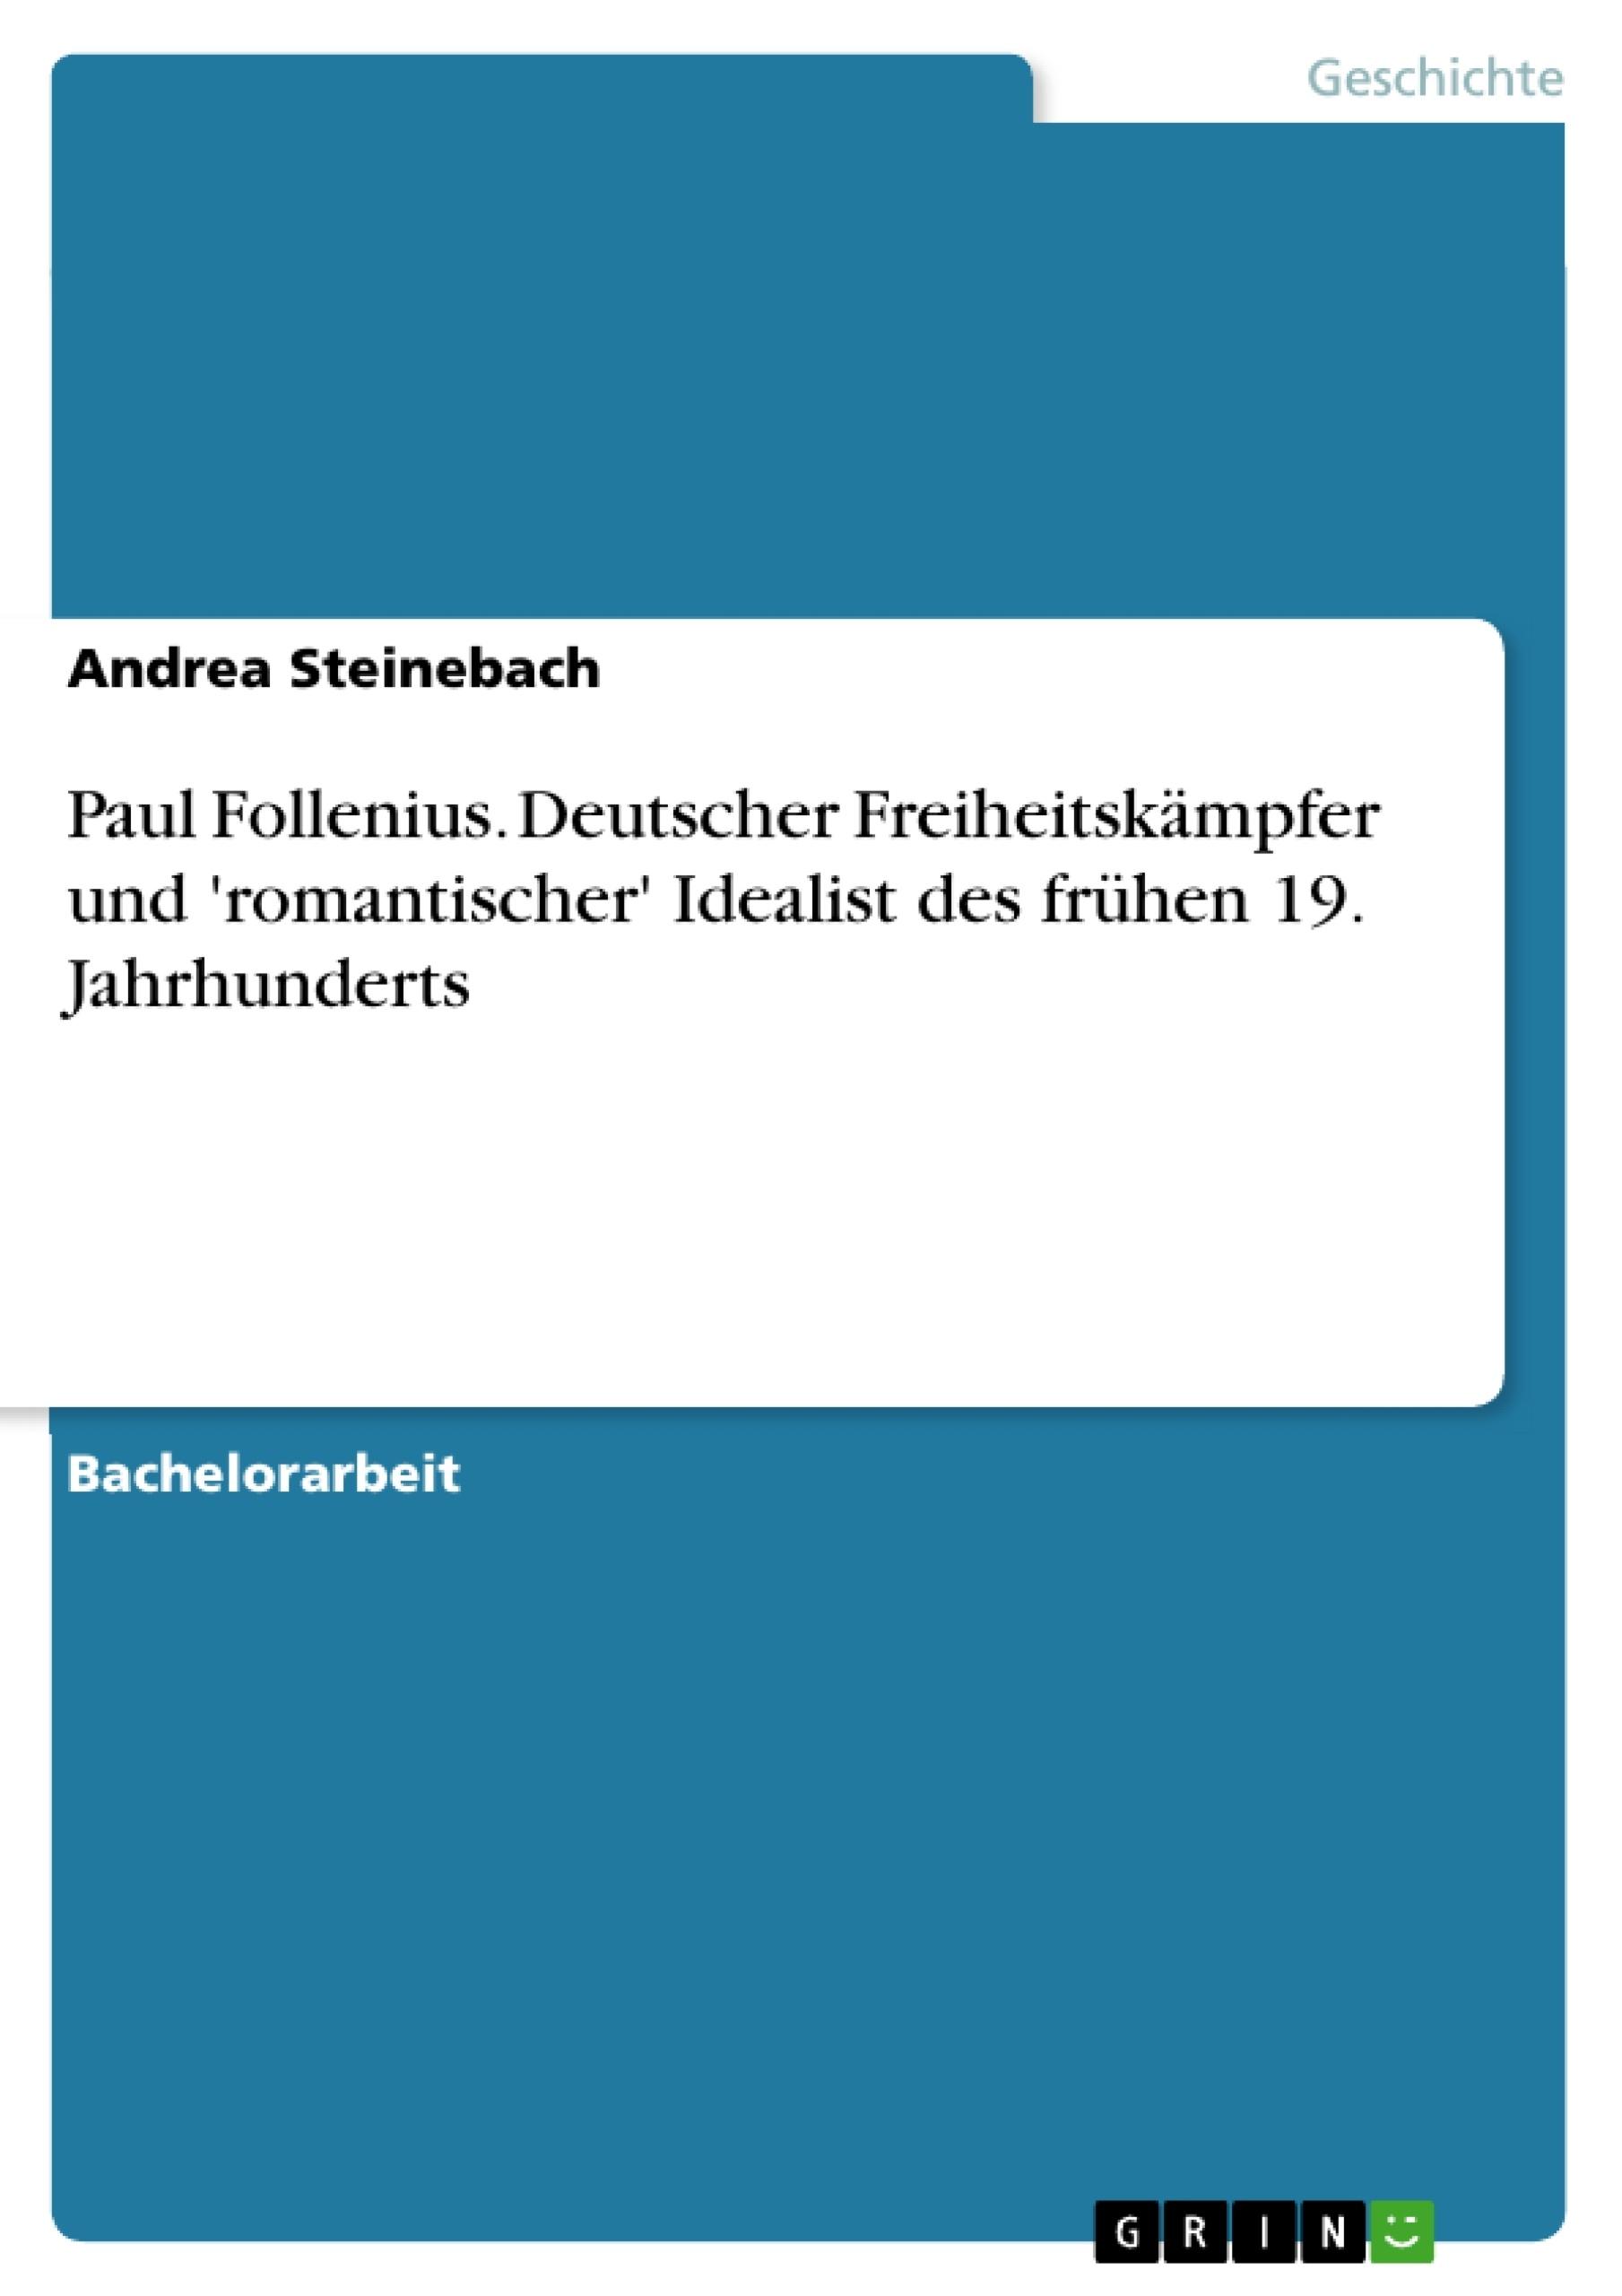 Titel: Paul Follenius. Deutscher Freiheitskämpfer und 'romantischer' Idealist des frühen 19. Jahrhunderts